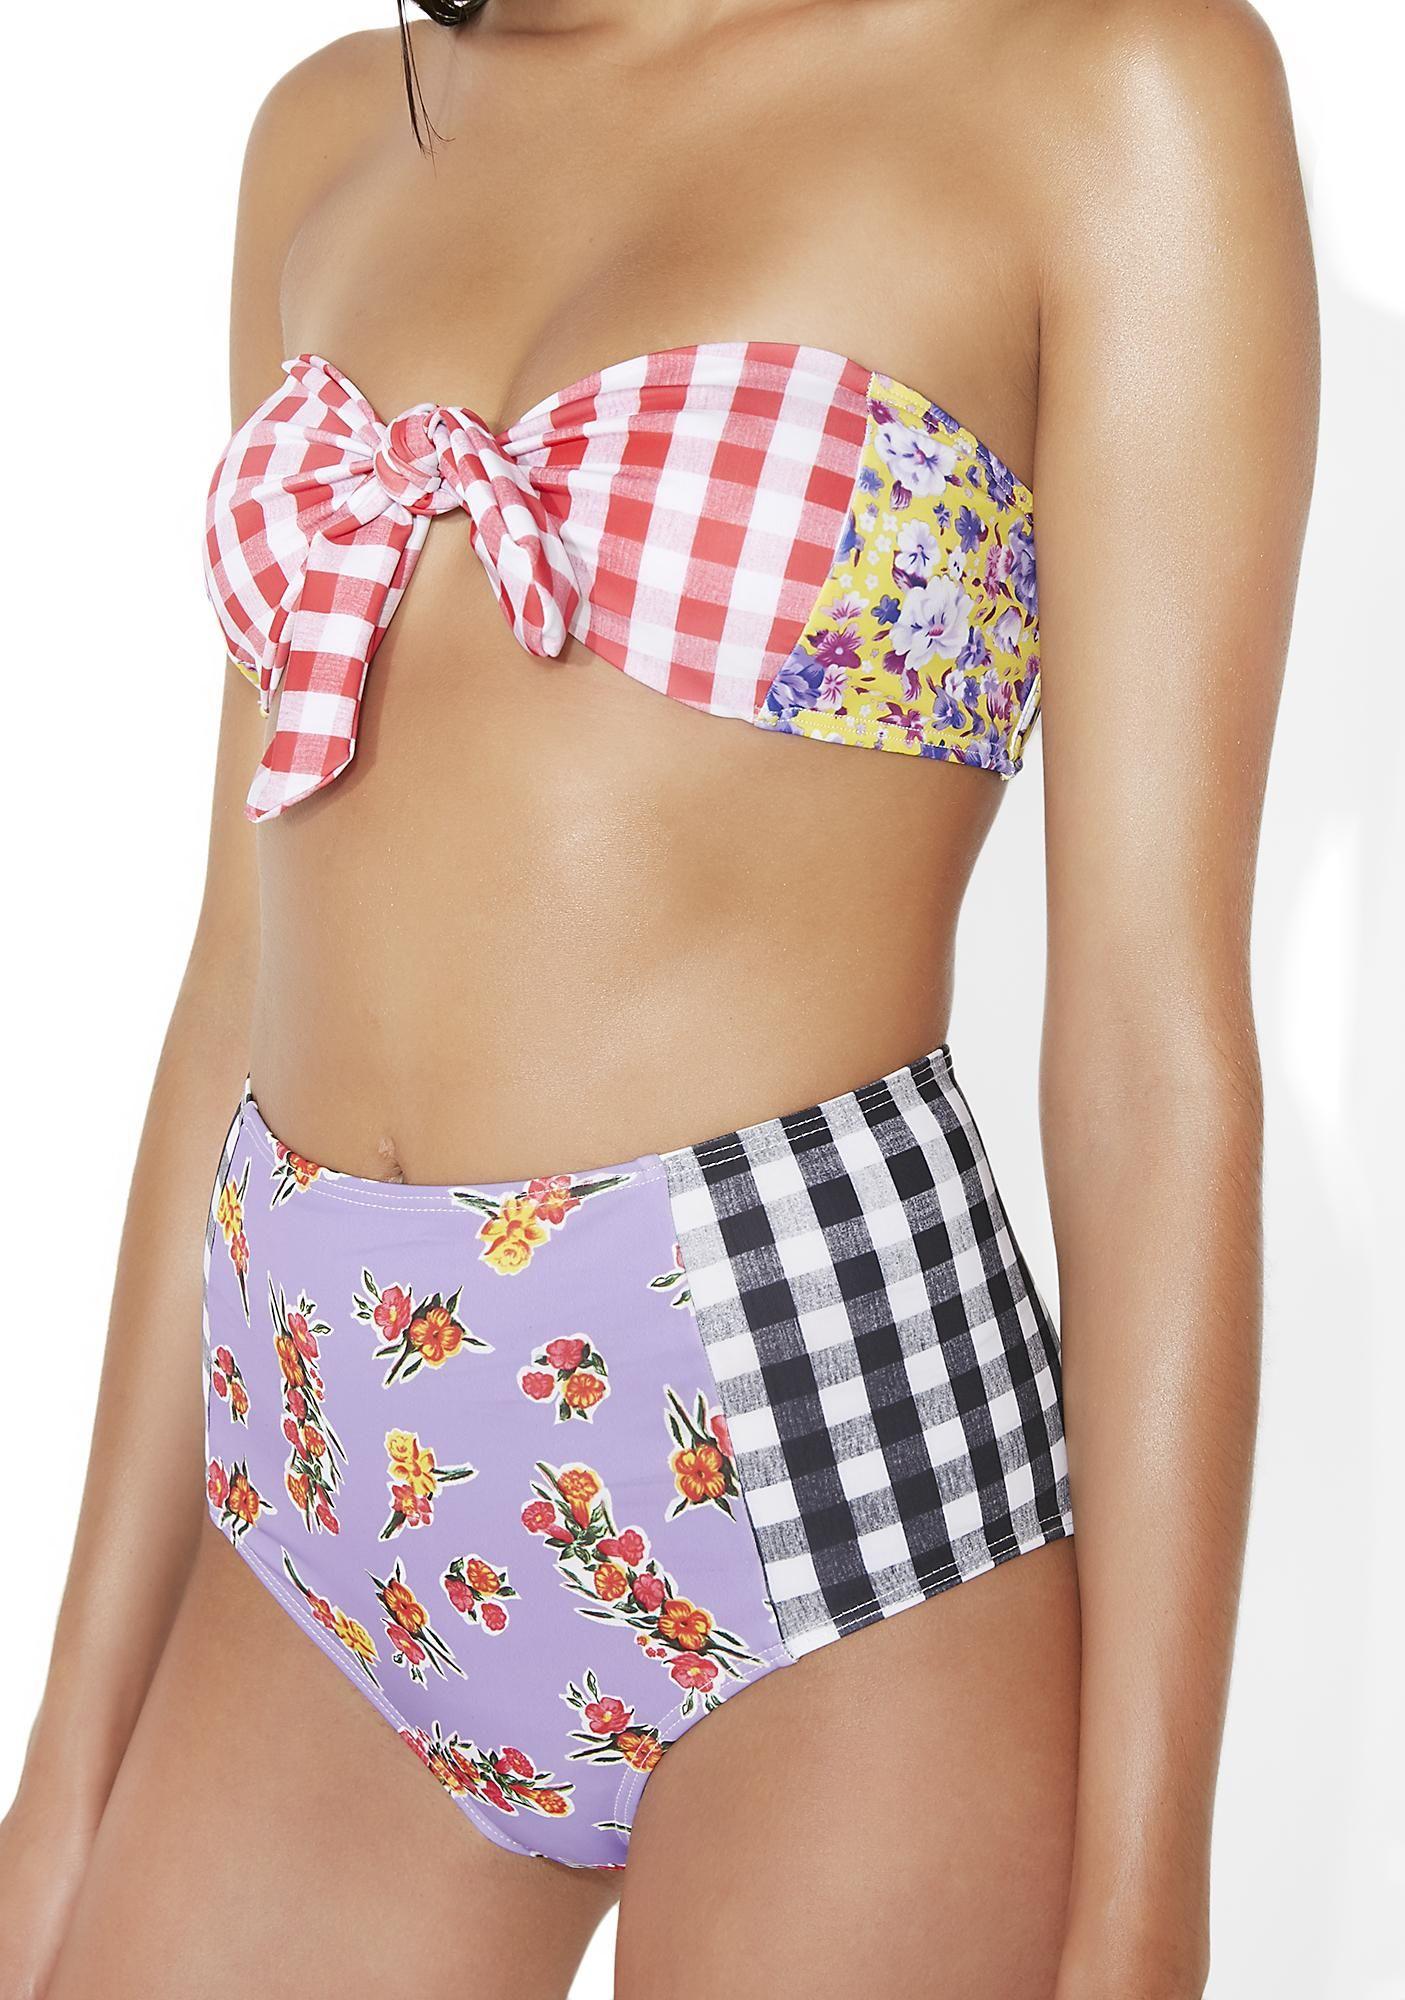 Checkered bikinis